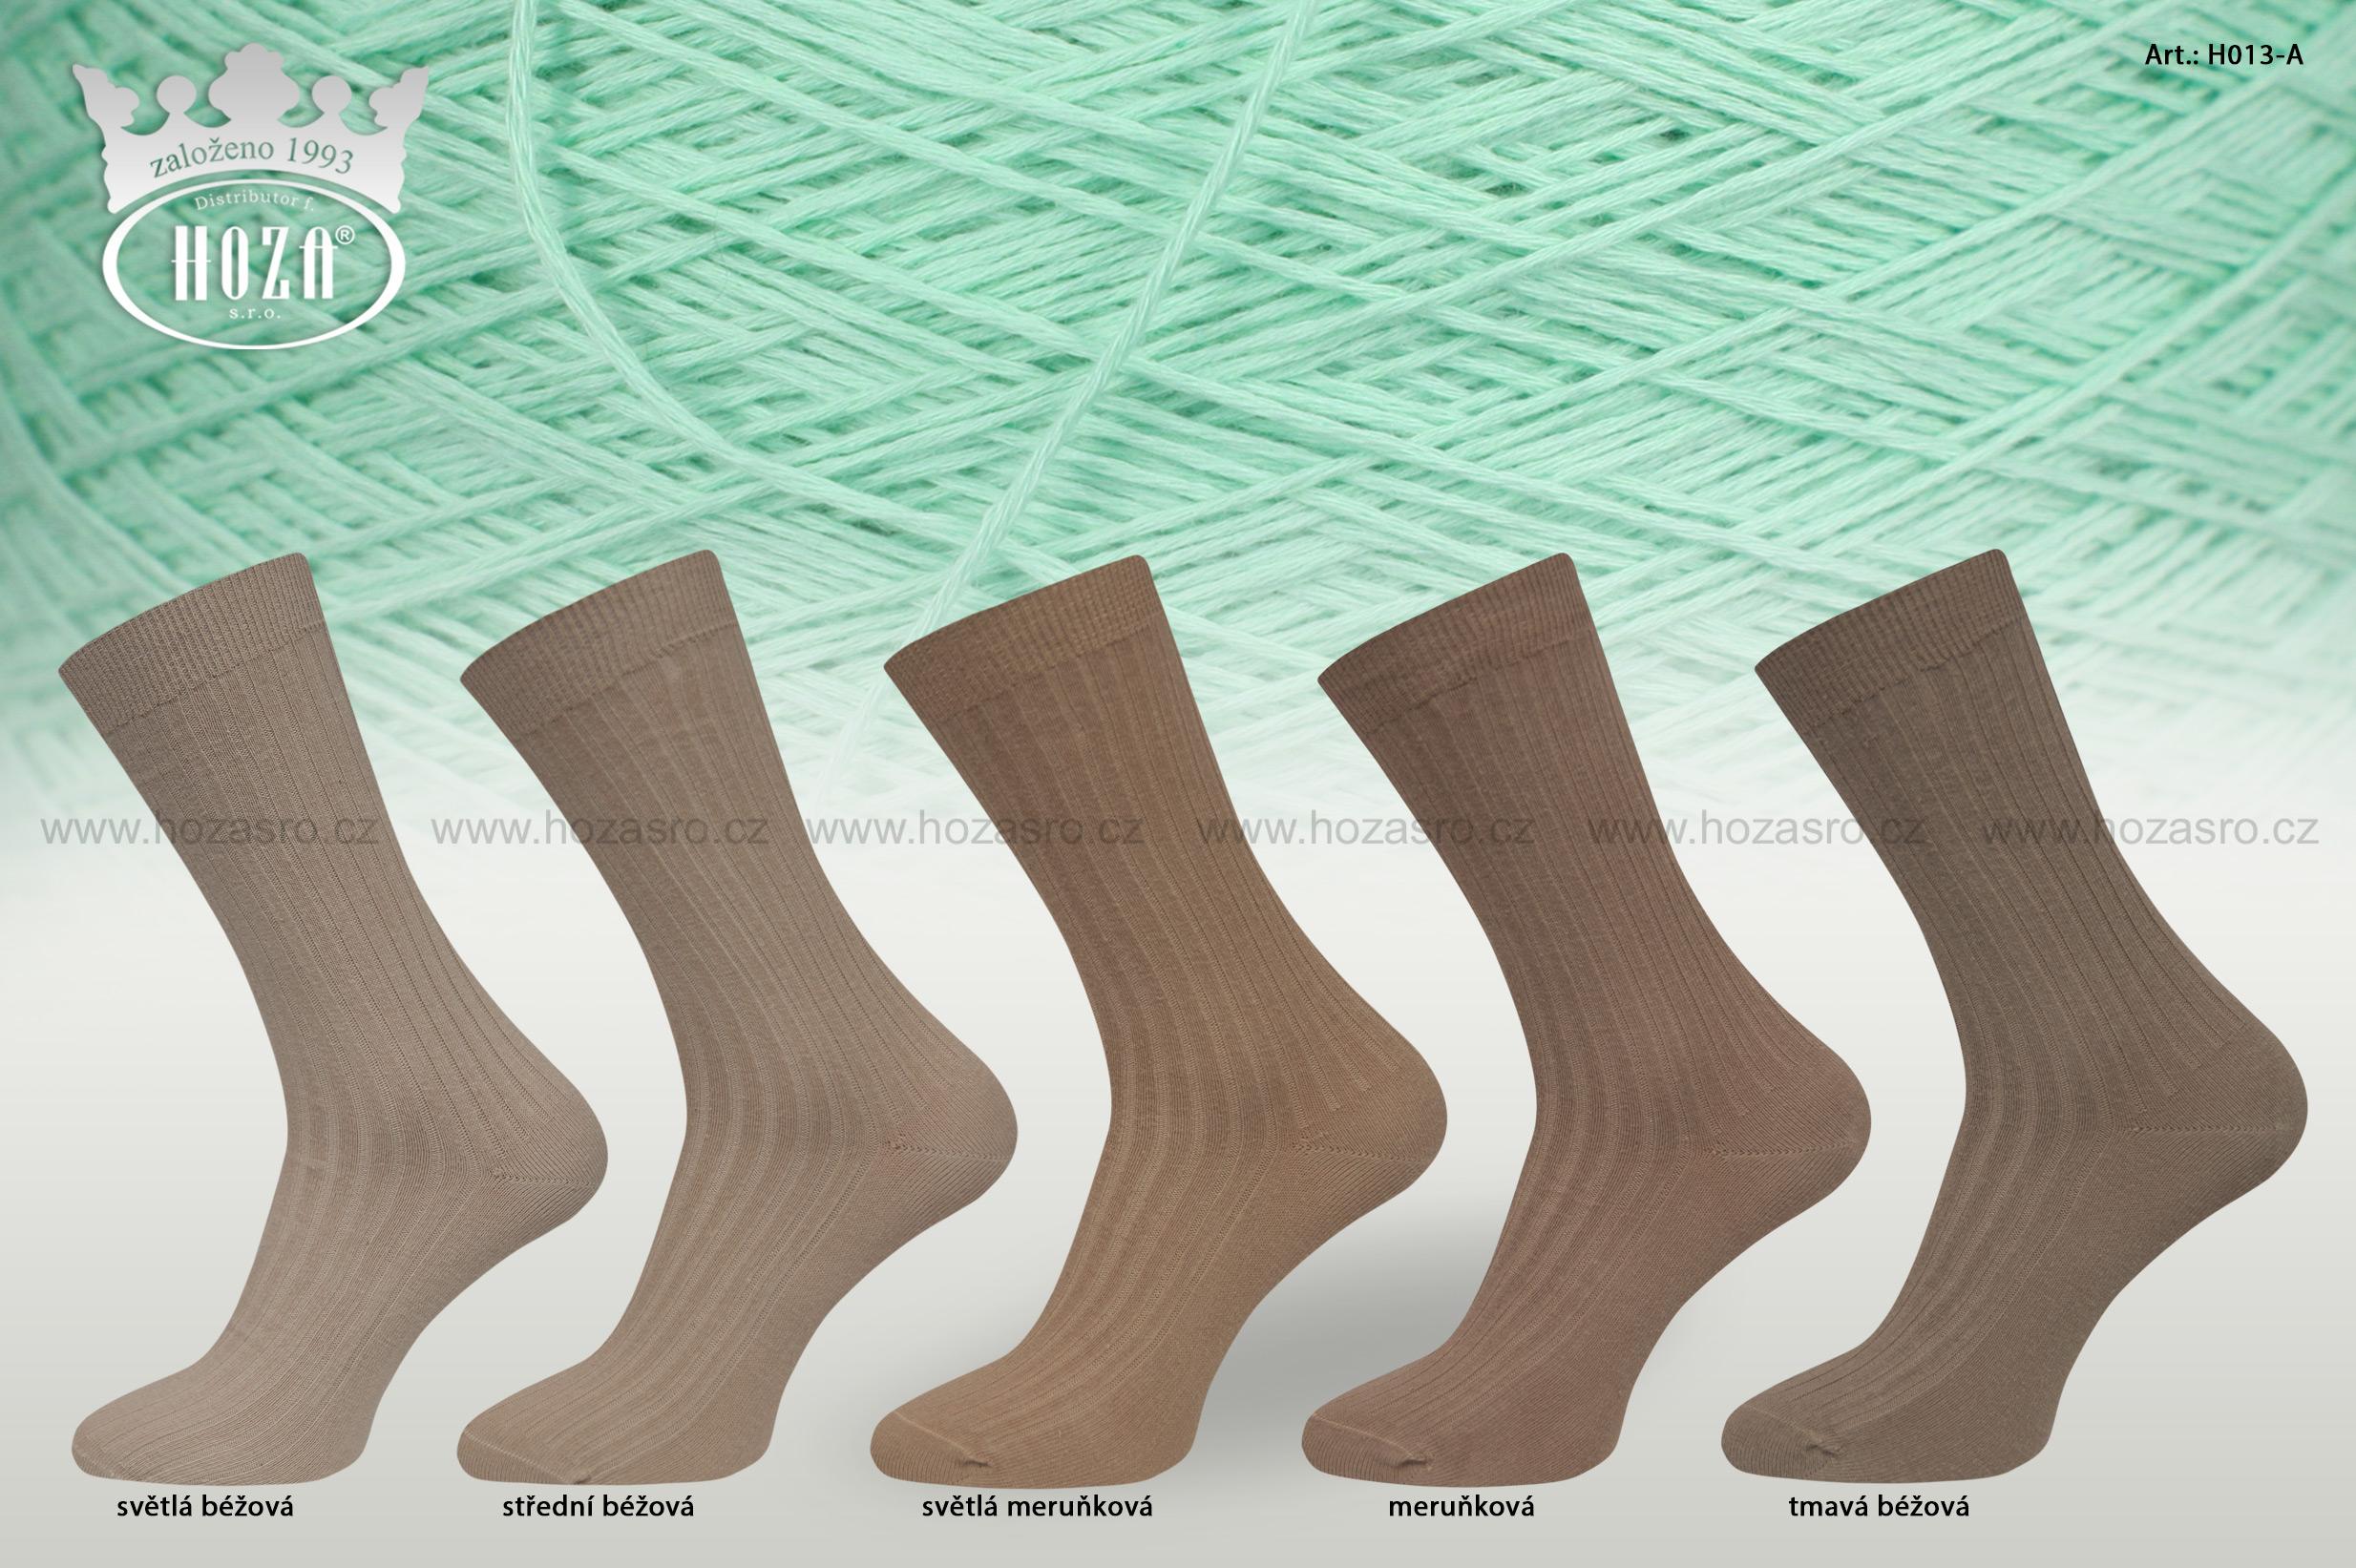 Pánské ponožky žebrované 5/2,100% bavlna - hnědý mix - H013-A